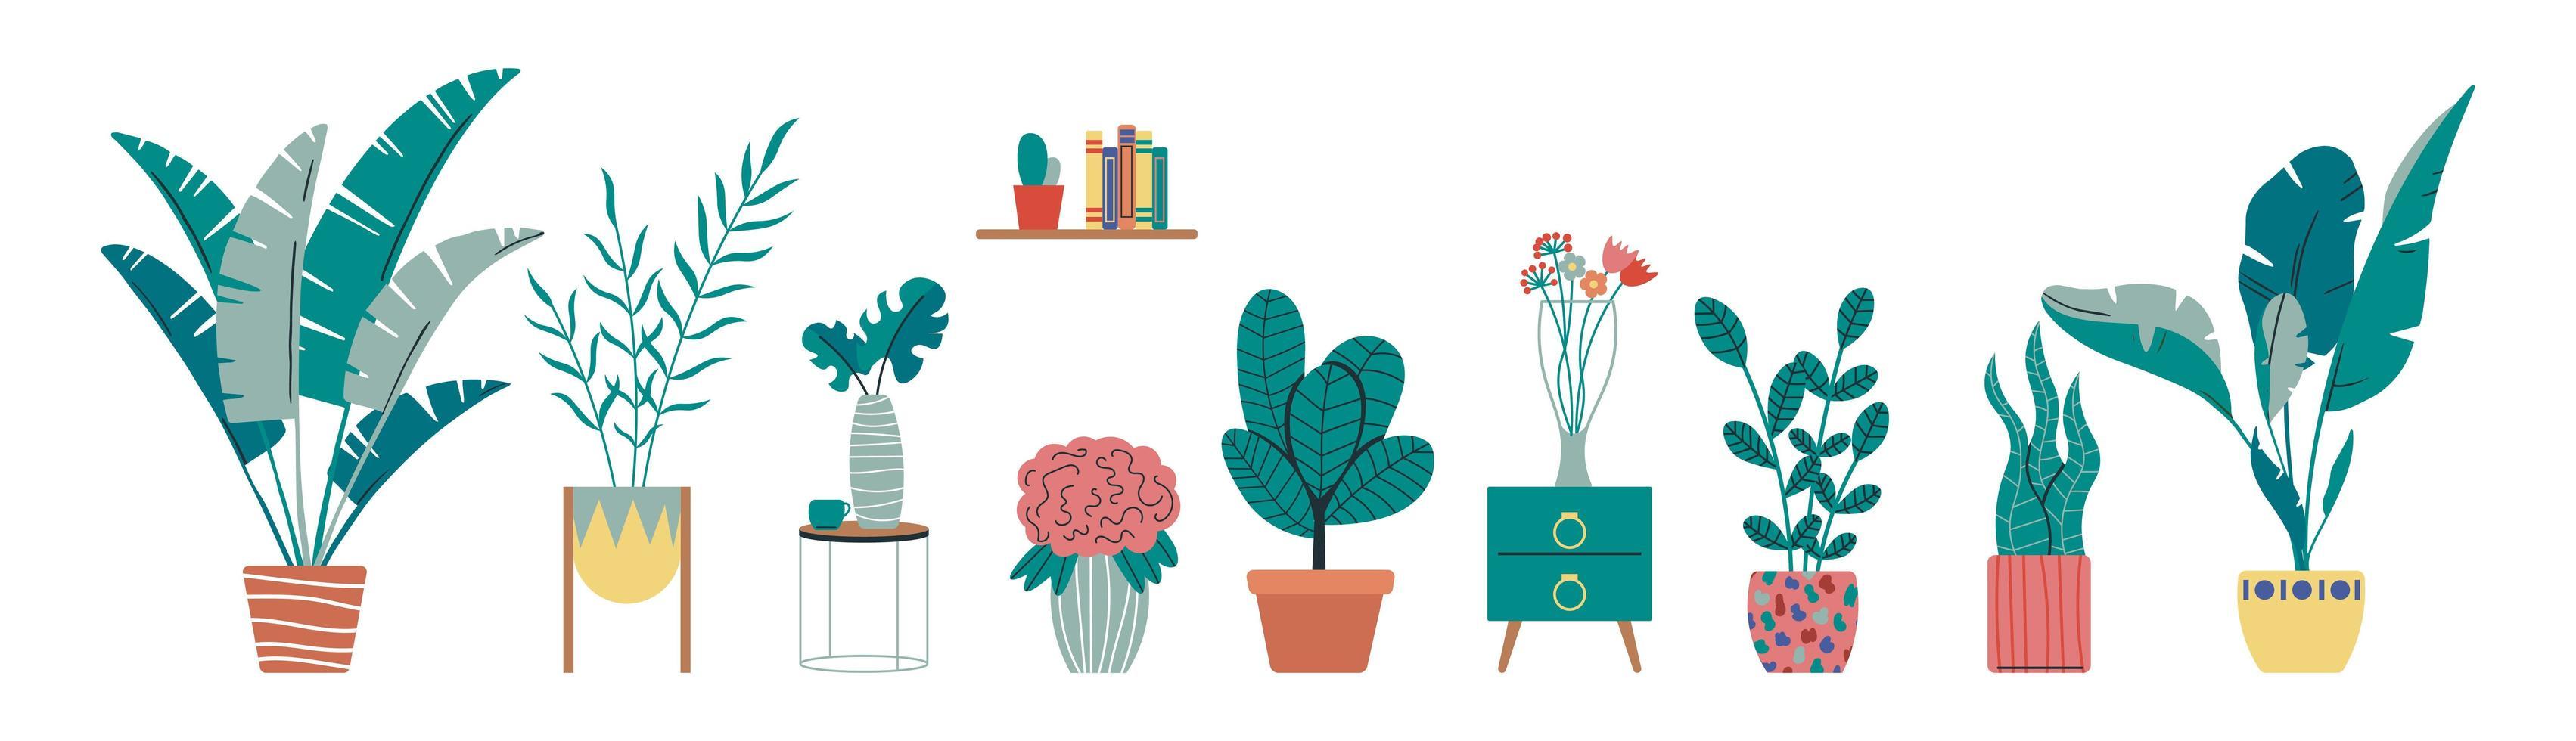 Sammlung von tropischen Zimmerpflanzen vektor